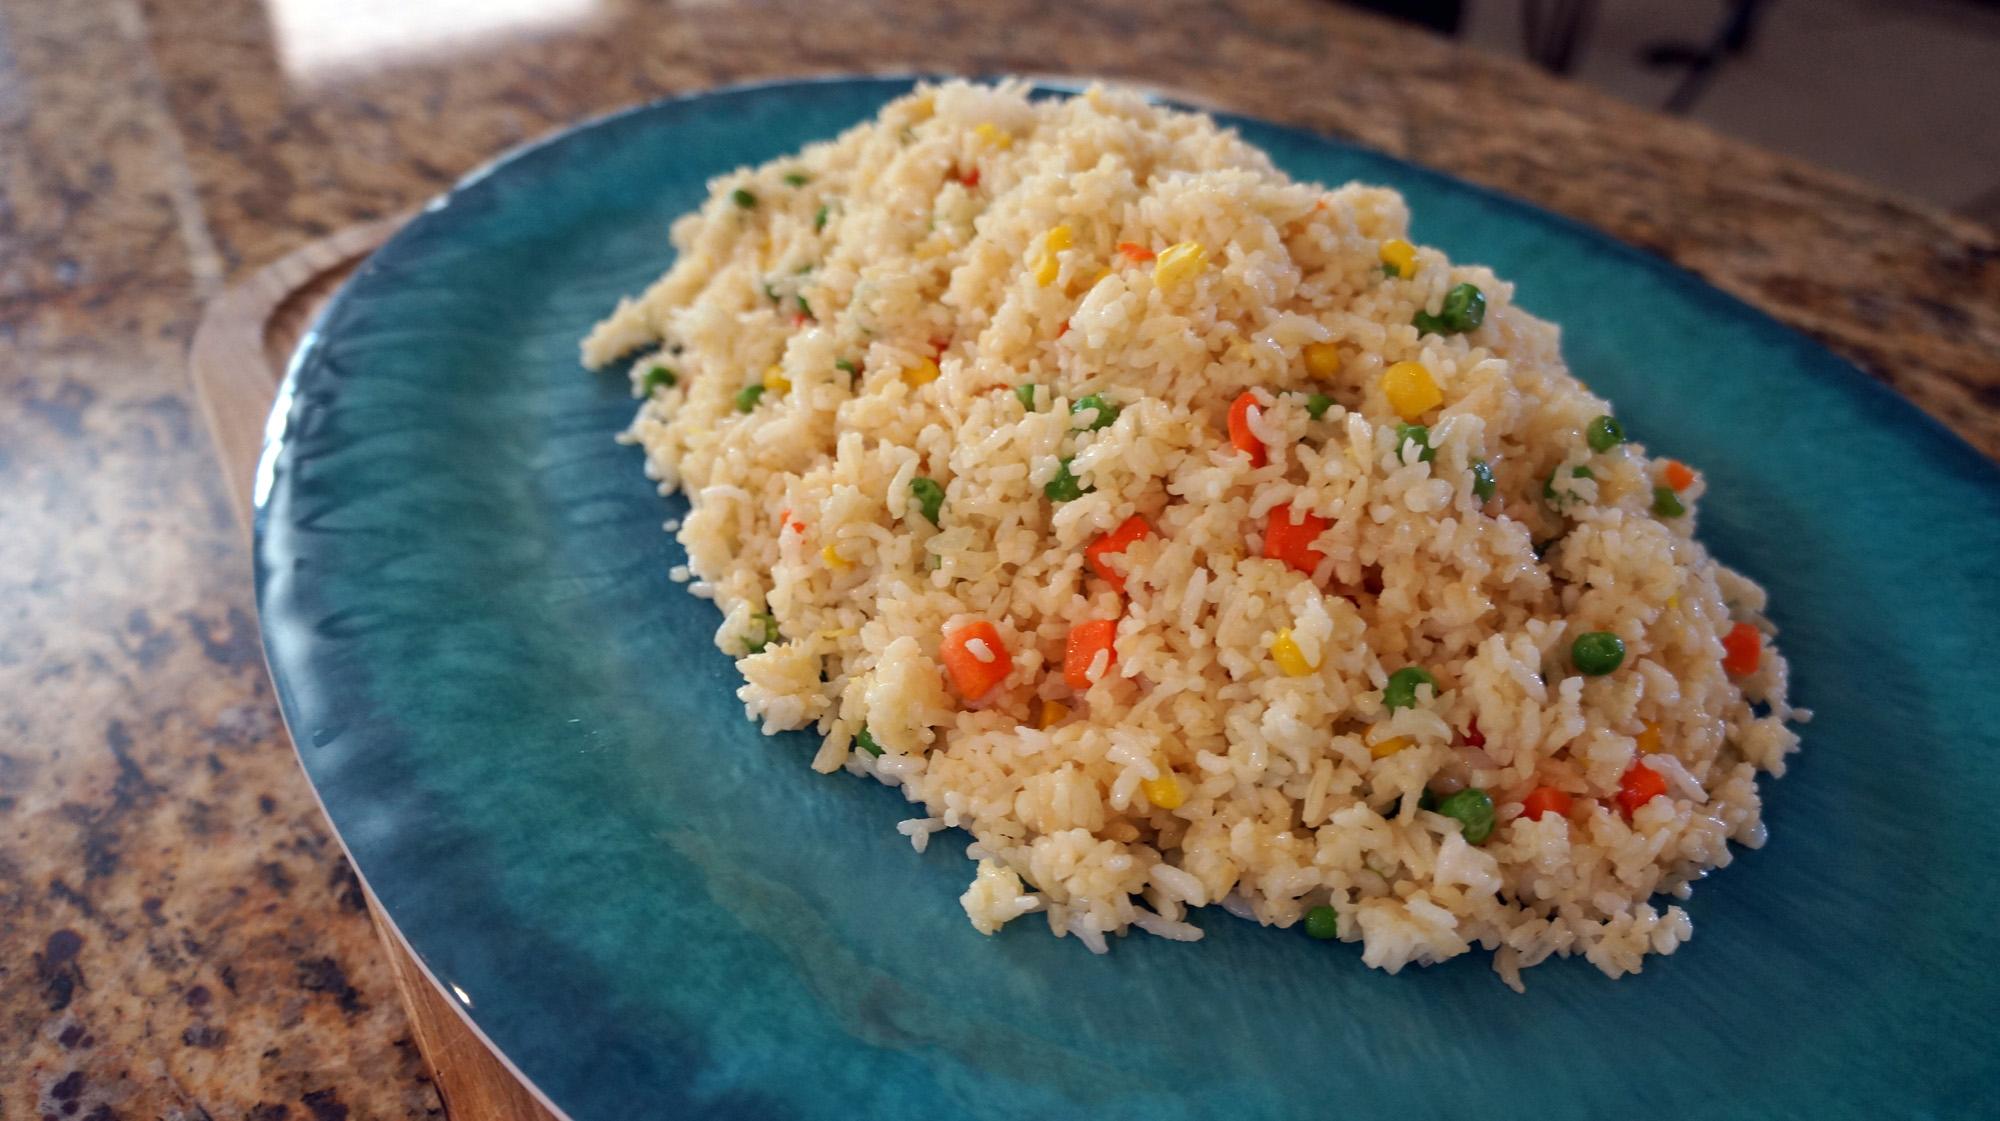 arroz frito chino, comiendo rico, recetas de cocina, fried rice